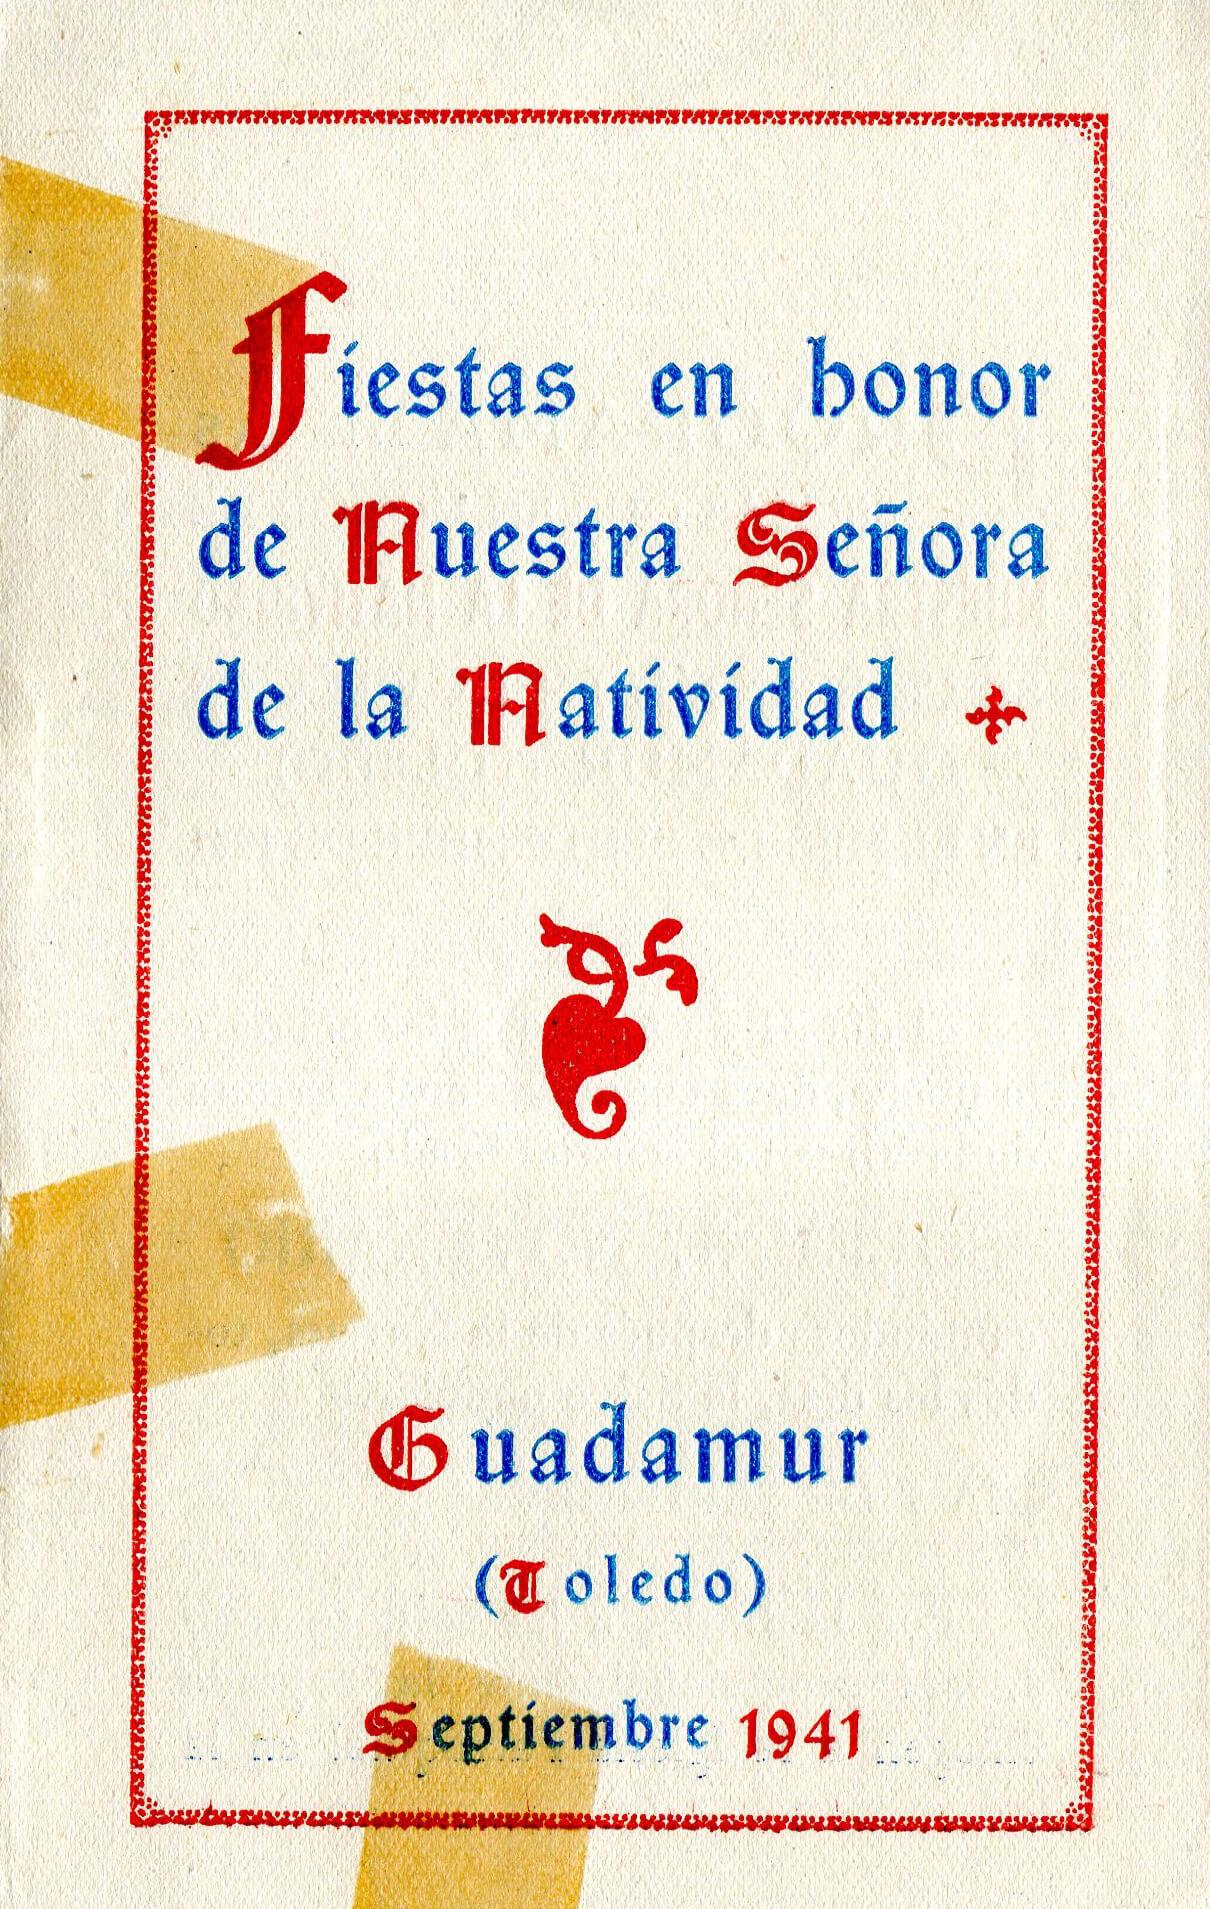 1941 – Programa de fiestas